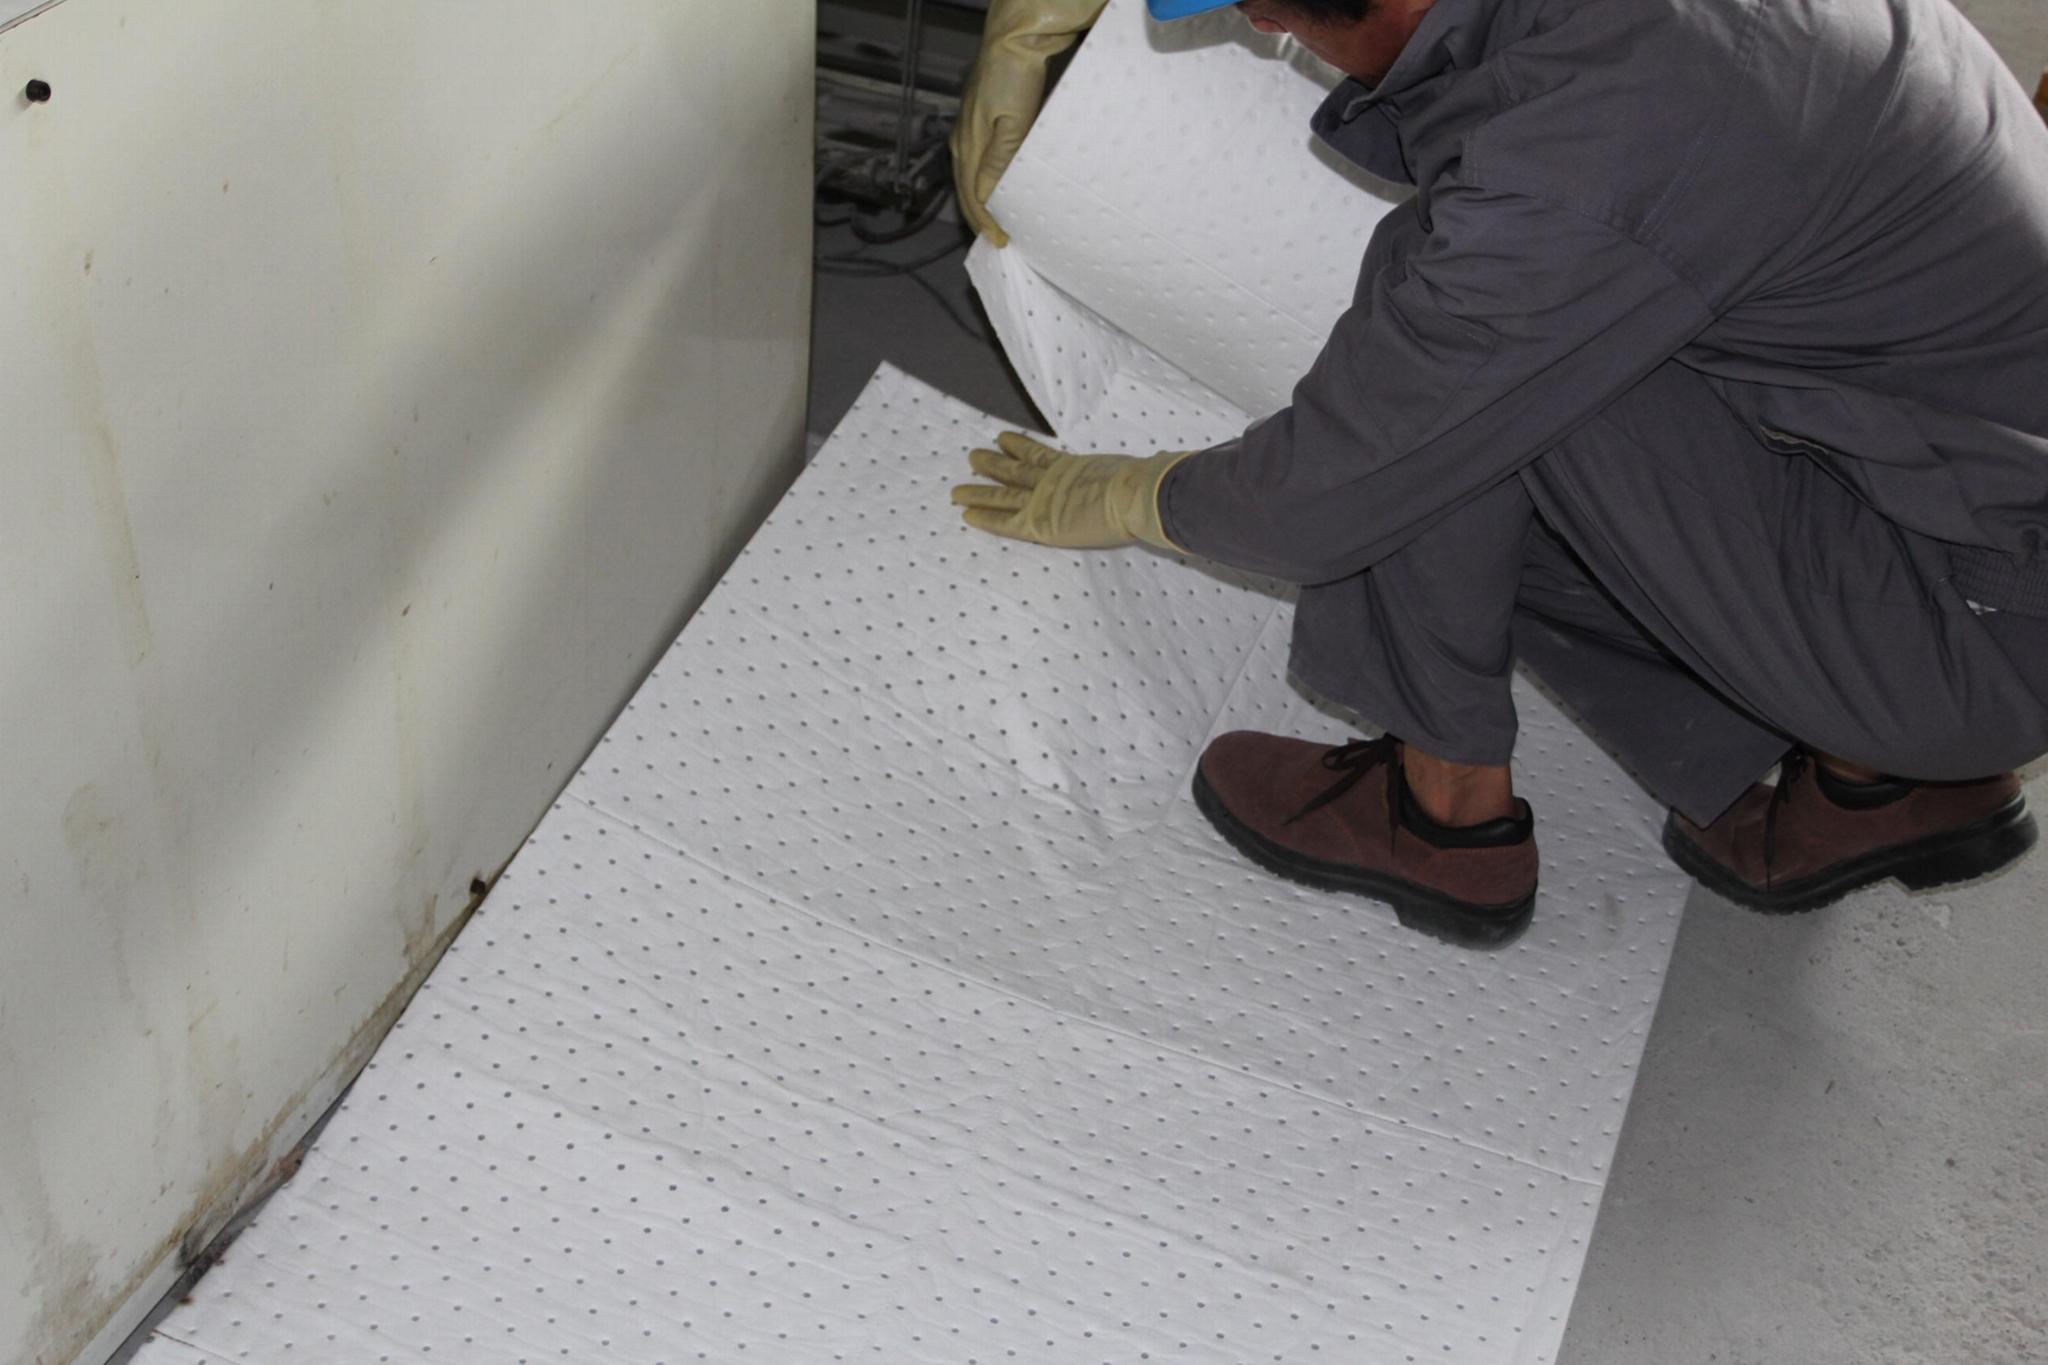 新络PS2402X重量级节省吸油毯 铺设地面吸油棉 维修吸油卷 5